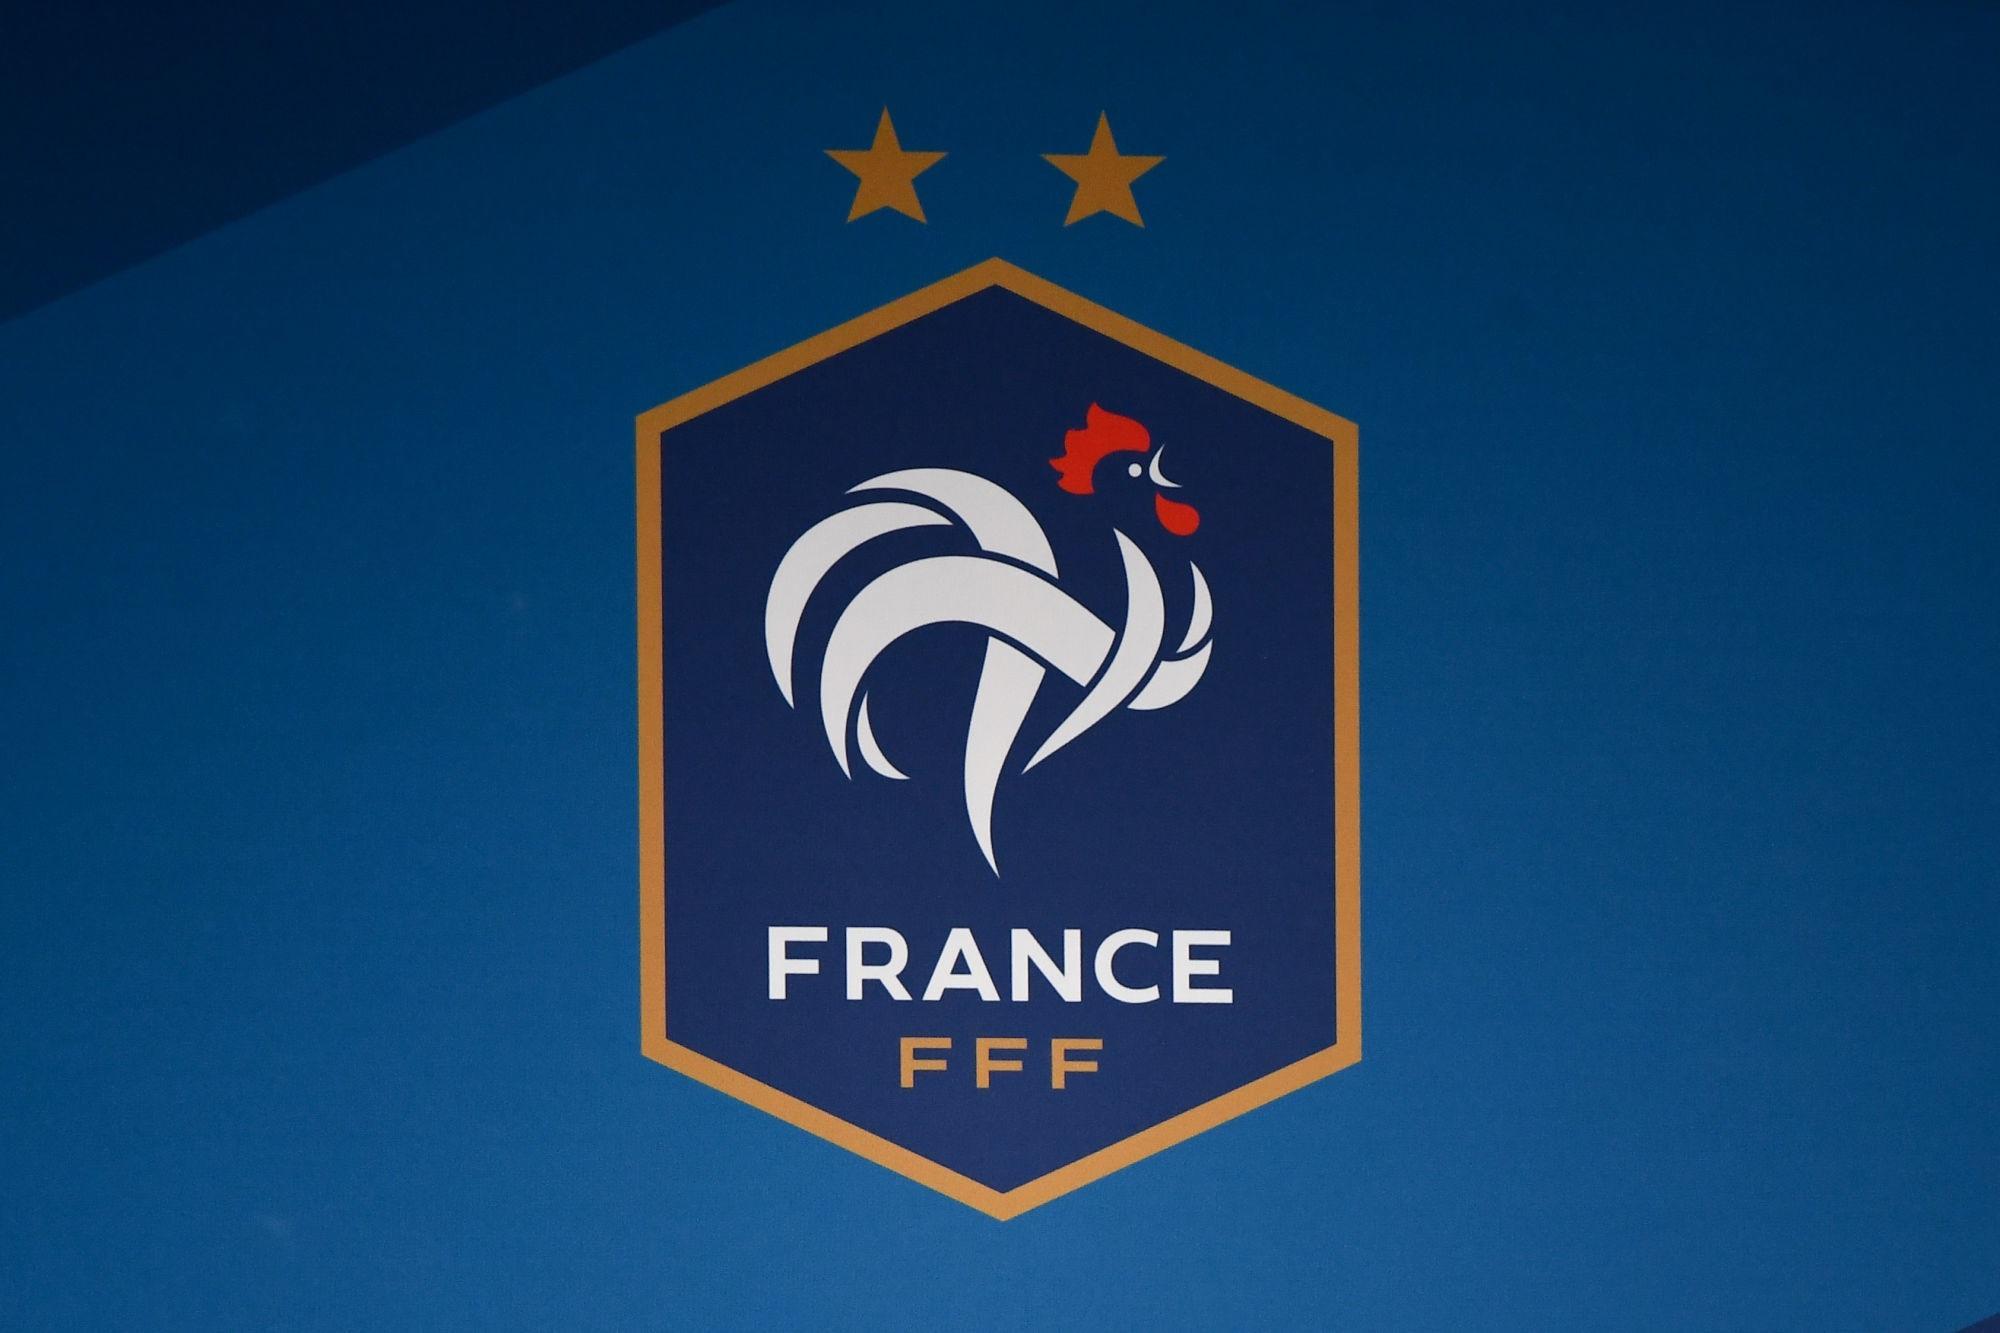 Belgique/France - Chaîne et heure de diffusion